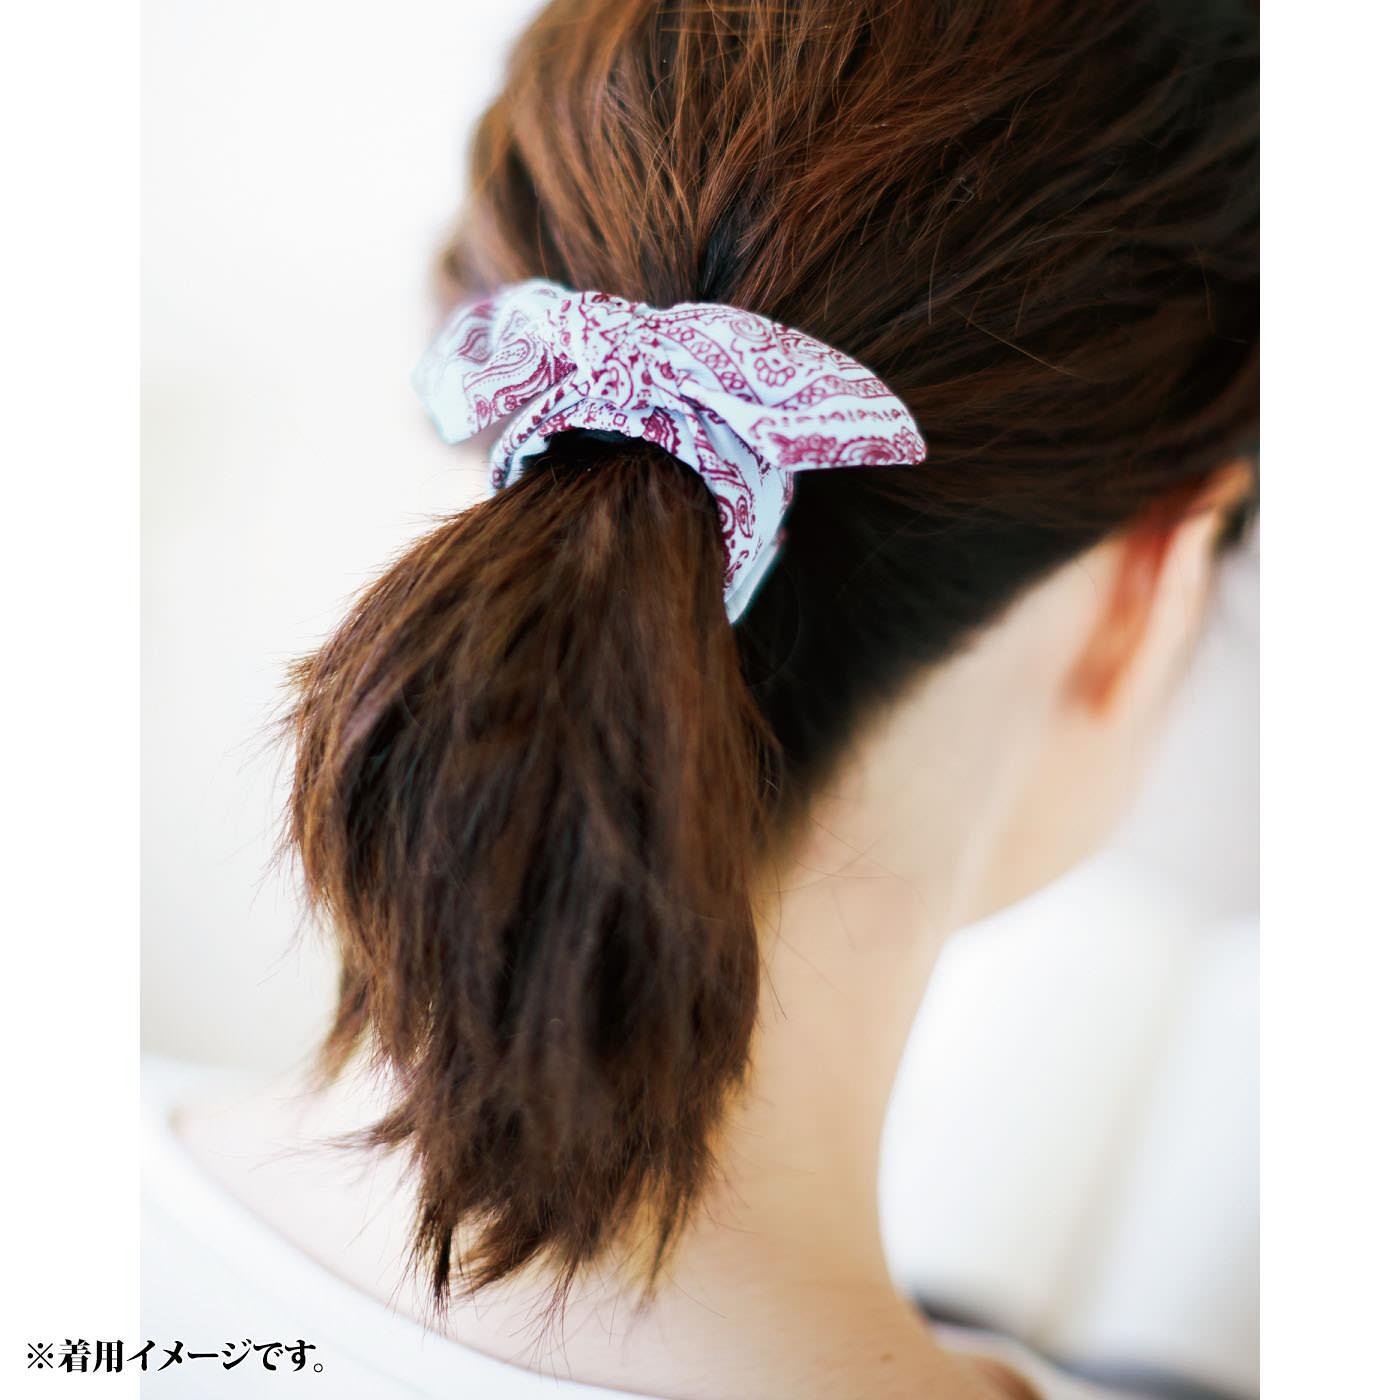 お手持ちのゴムを使ってまとめ髪に着ければ、トレンド感のあるこなれた印象に。